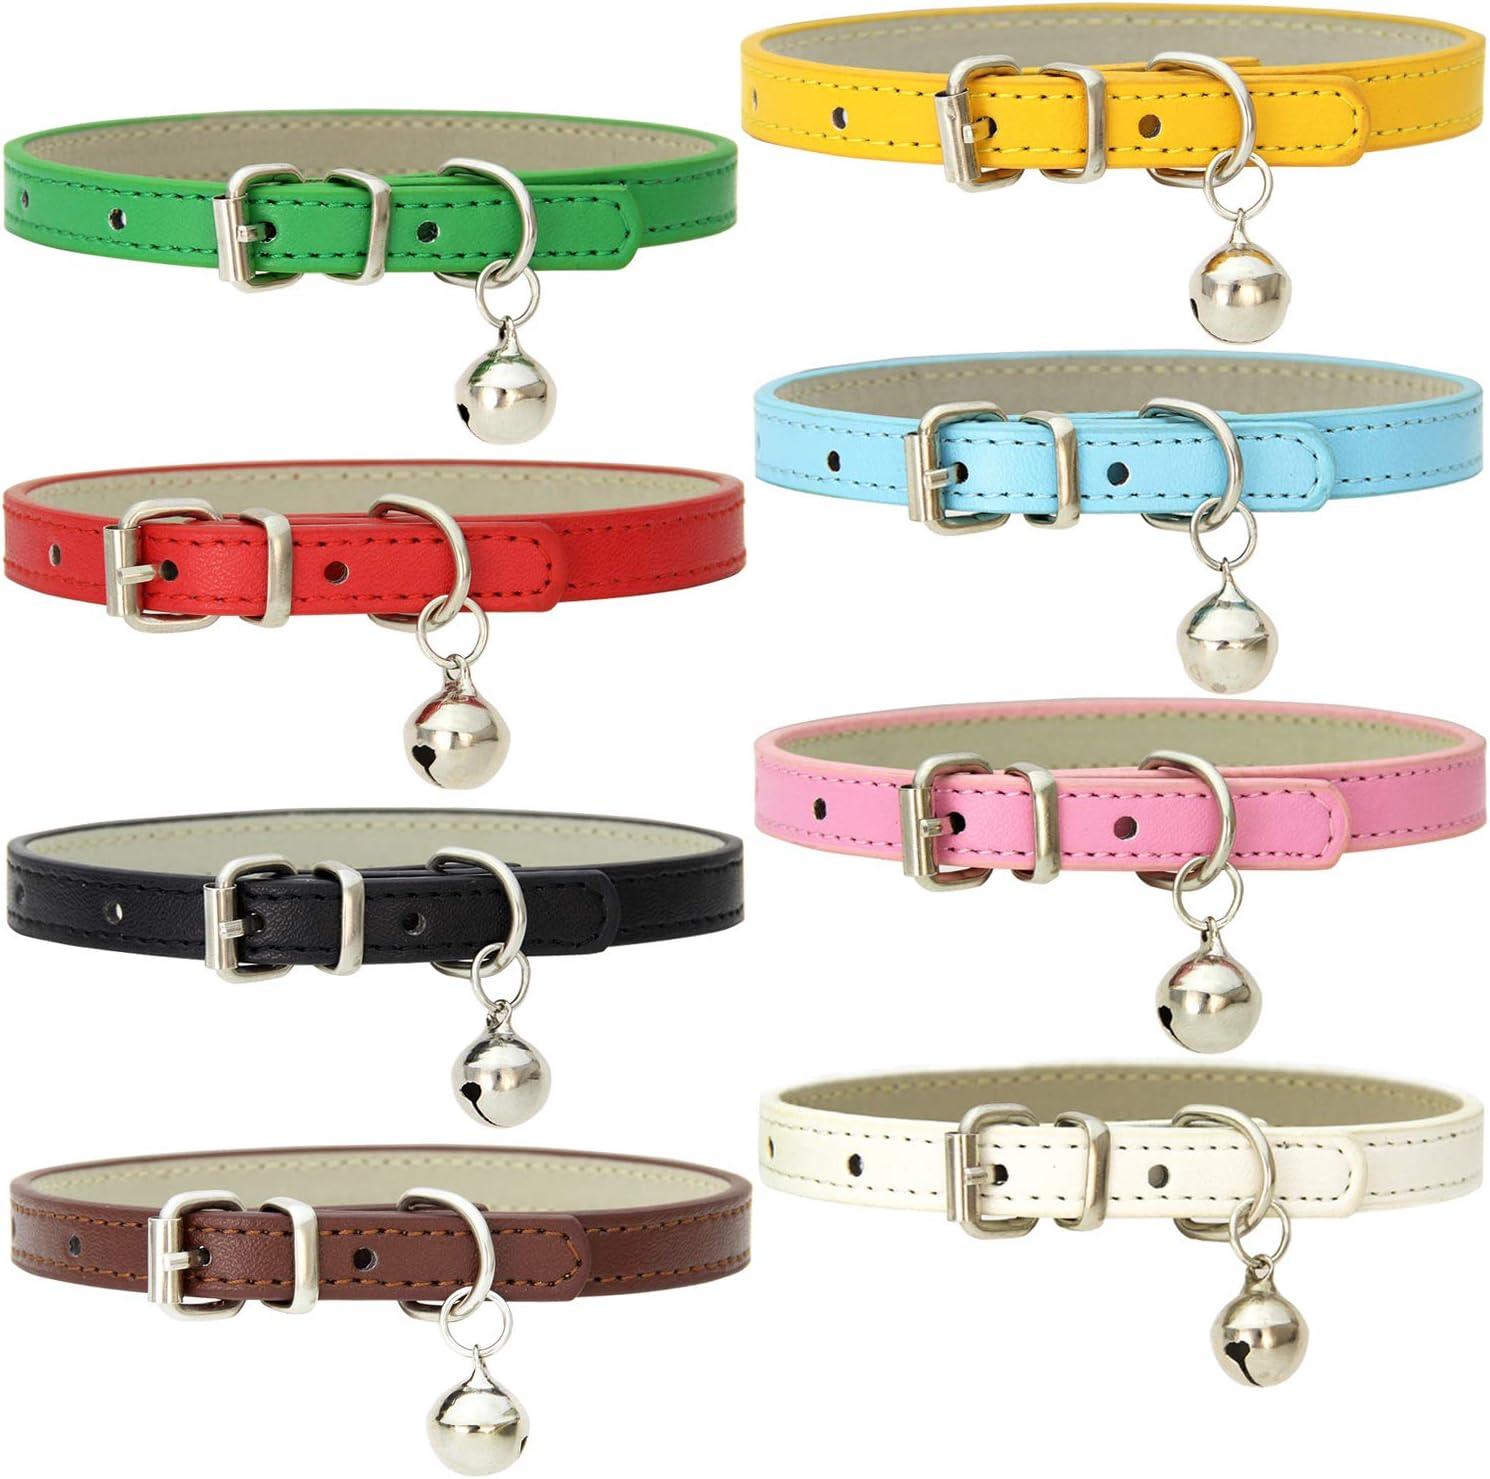 8 collares de cuero para gatos con campanas hechos a mano con hebilla de metal pulido duradero ajustable para mascotas pequeños animales al aire libre interior